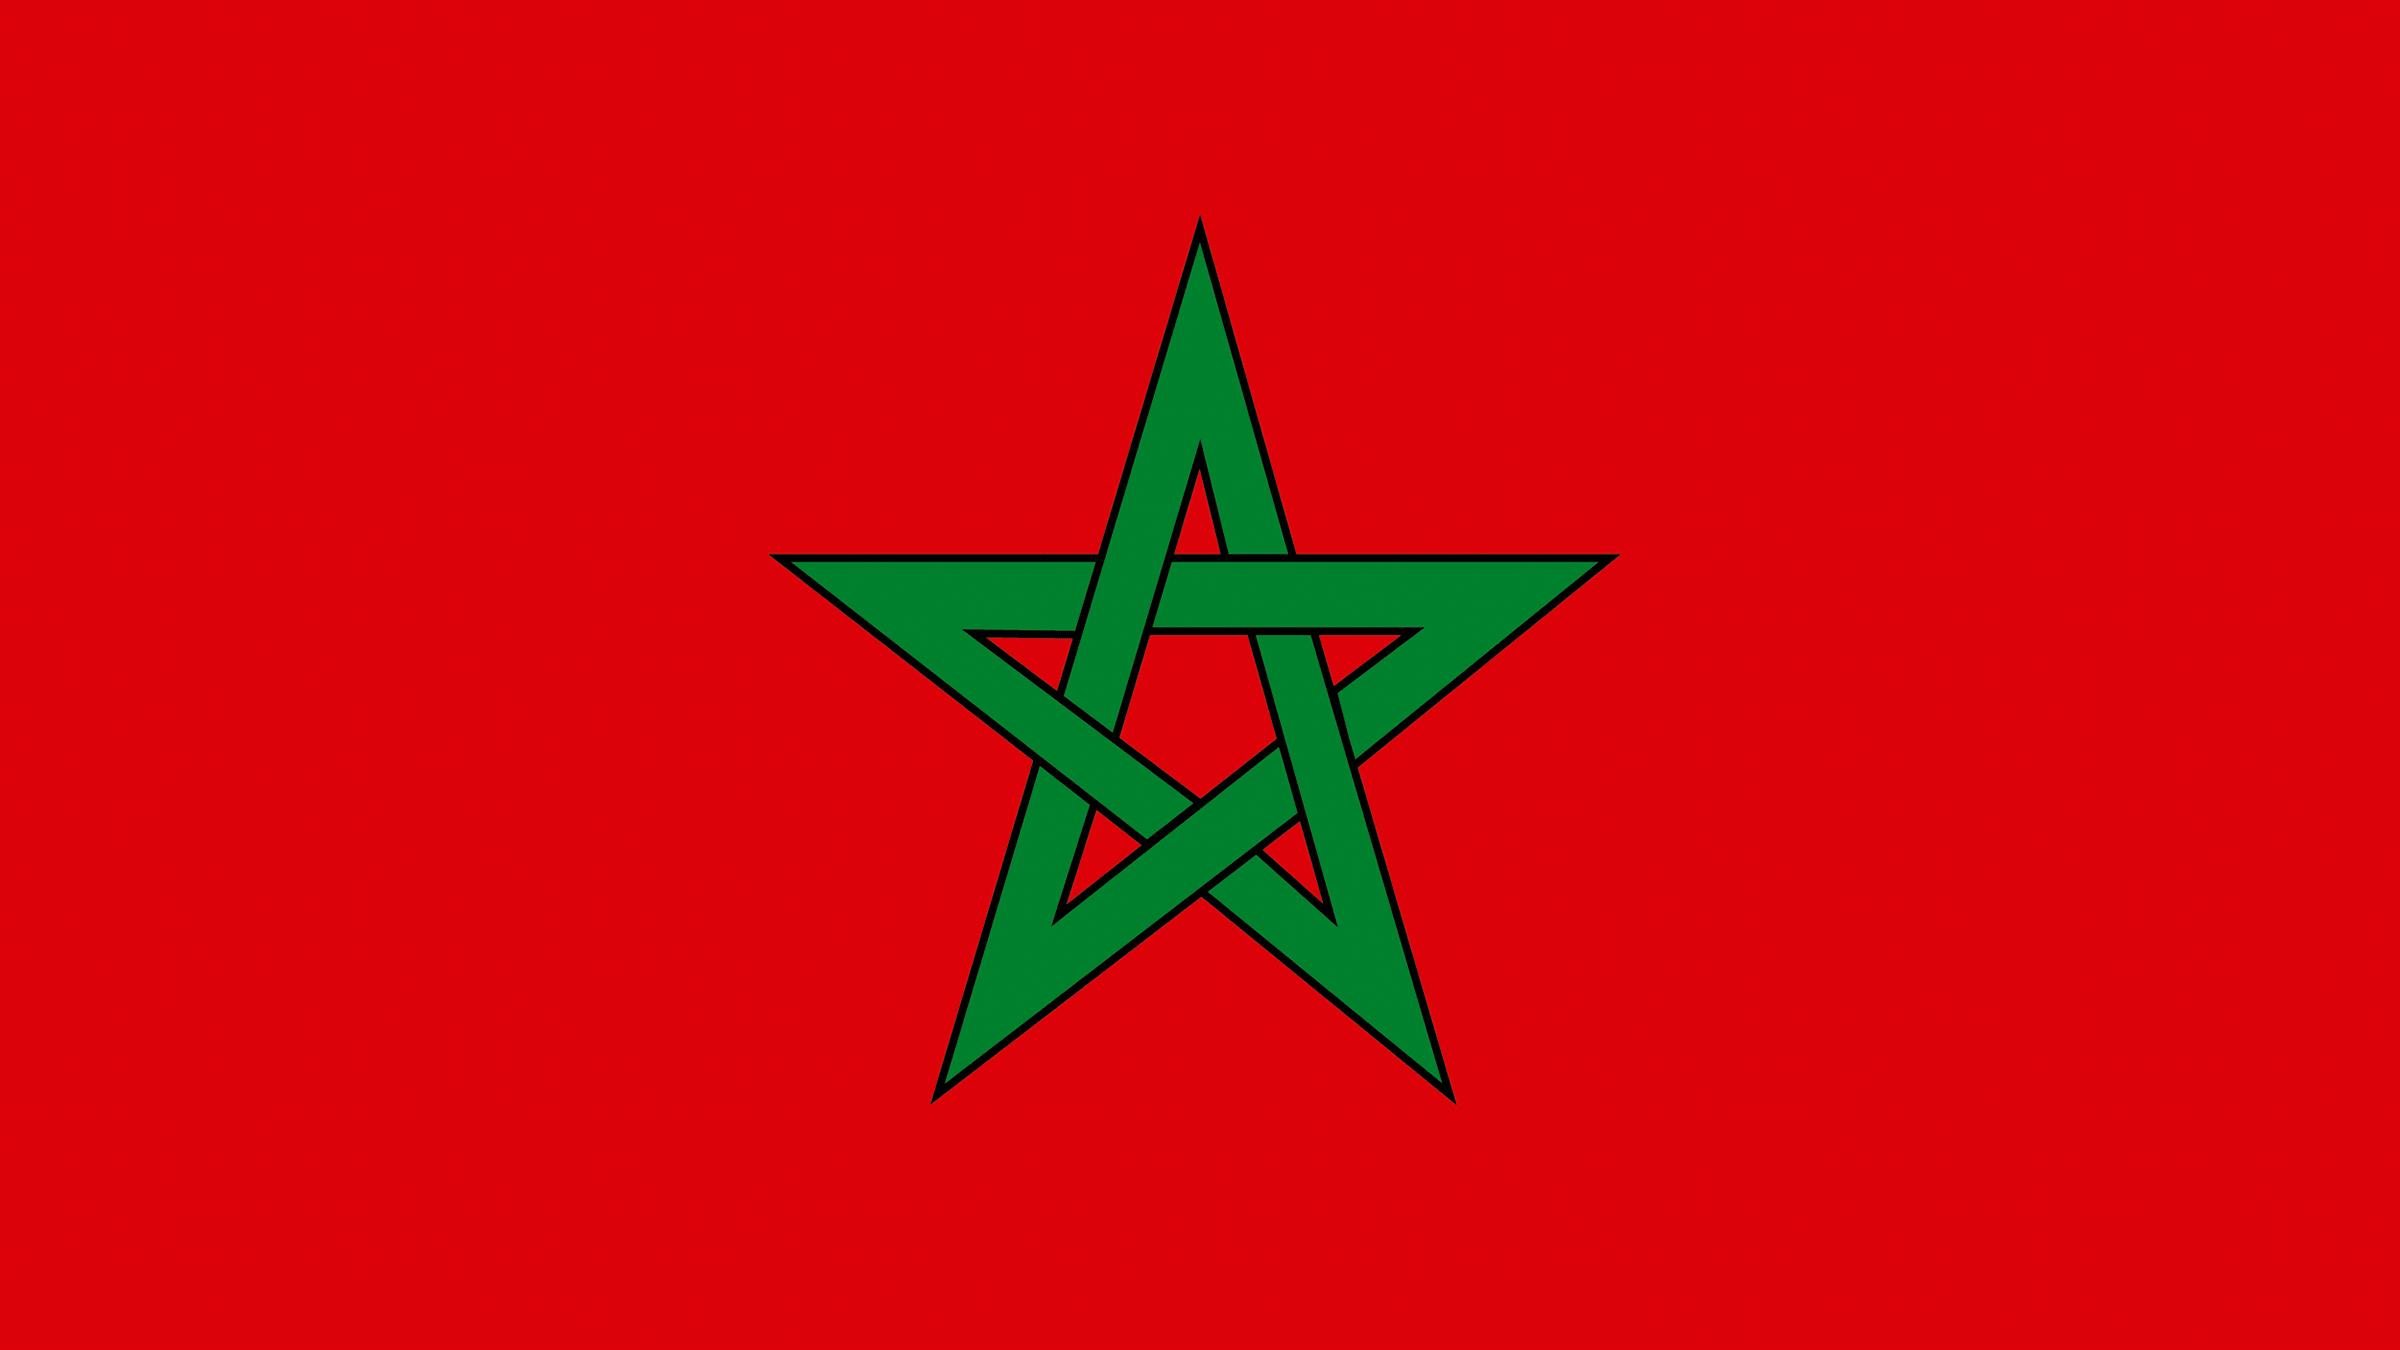 La Estrella Verde De La Bandera De Marruecos Bandera De Marruecos Banderas Del Mundo Con Nombres Banderas Del Mundo